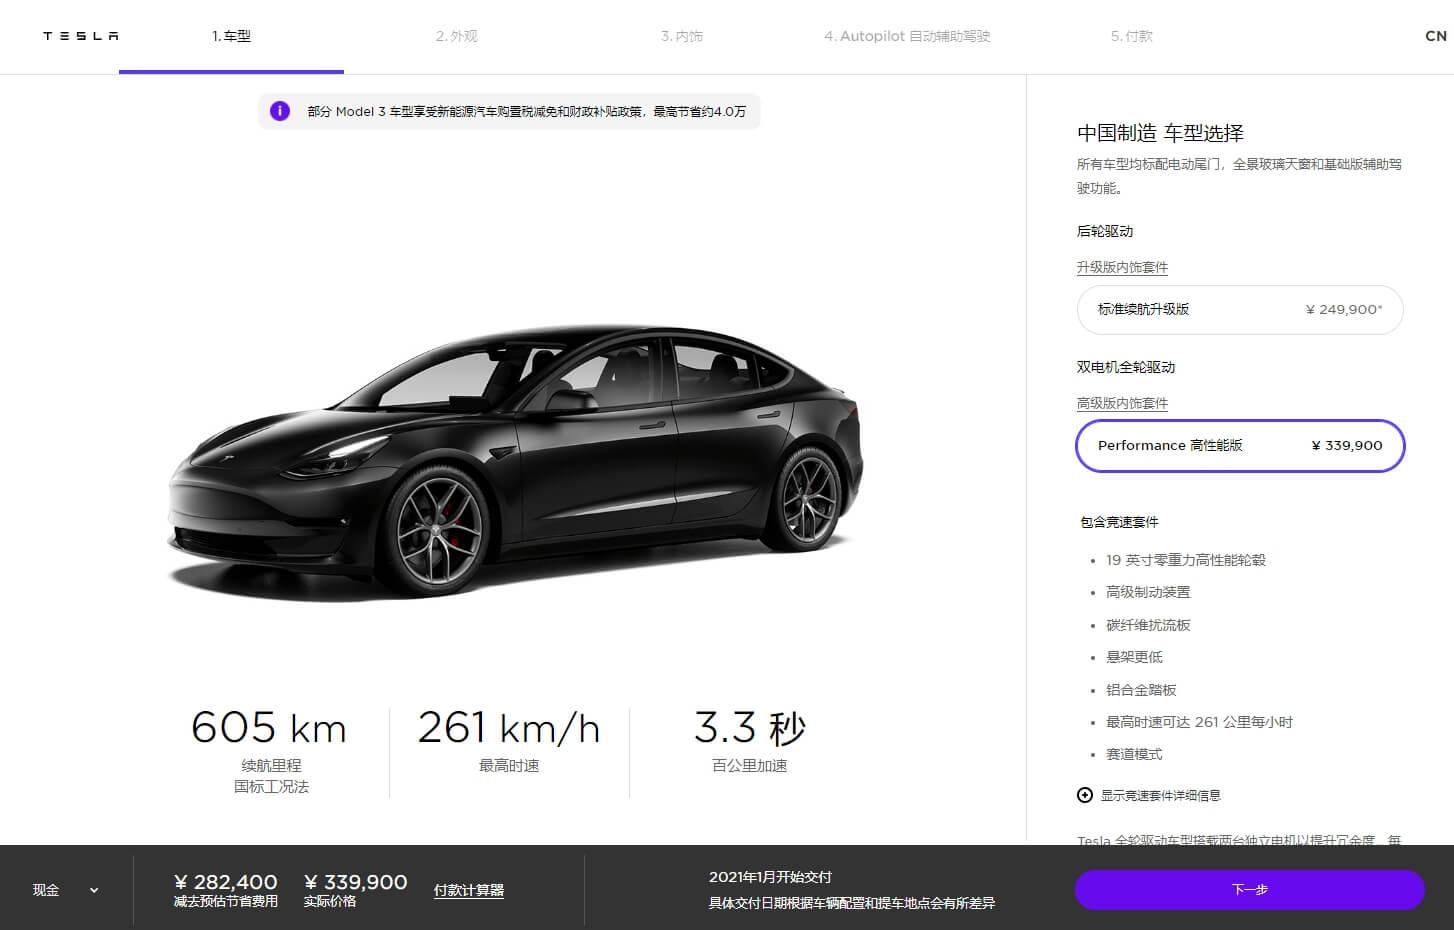 В китайском конфигураторе Tesla можно увидеть новую опцию при выборе салона премиум-класса, которая доступна покупателям Model 3 Performance